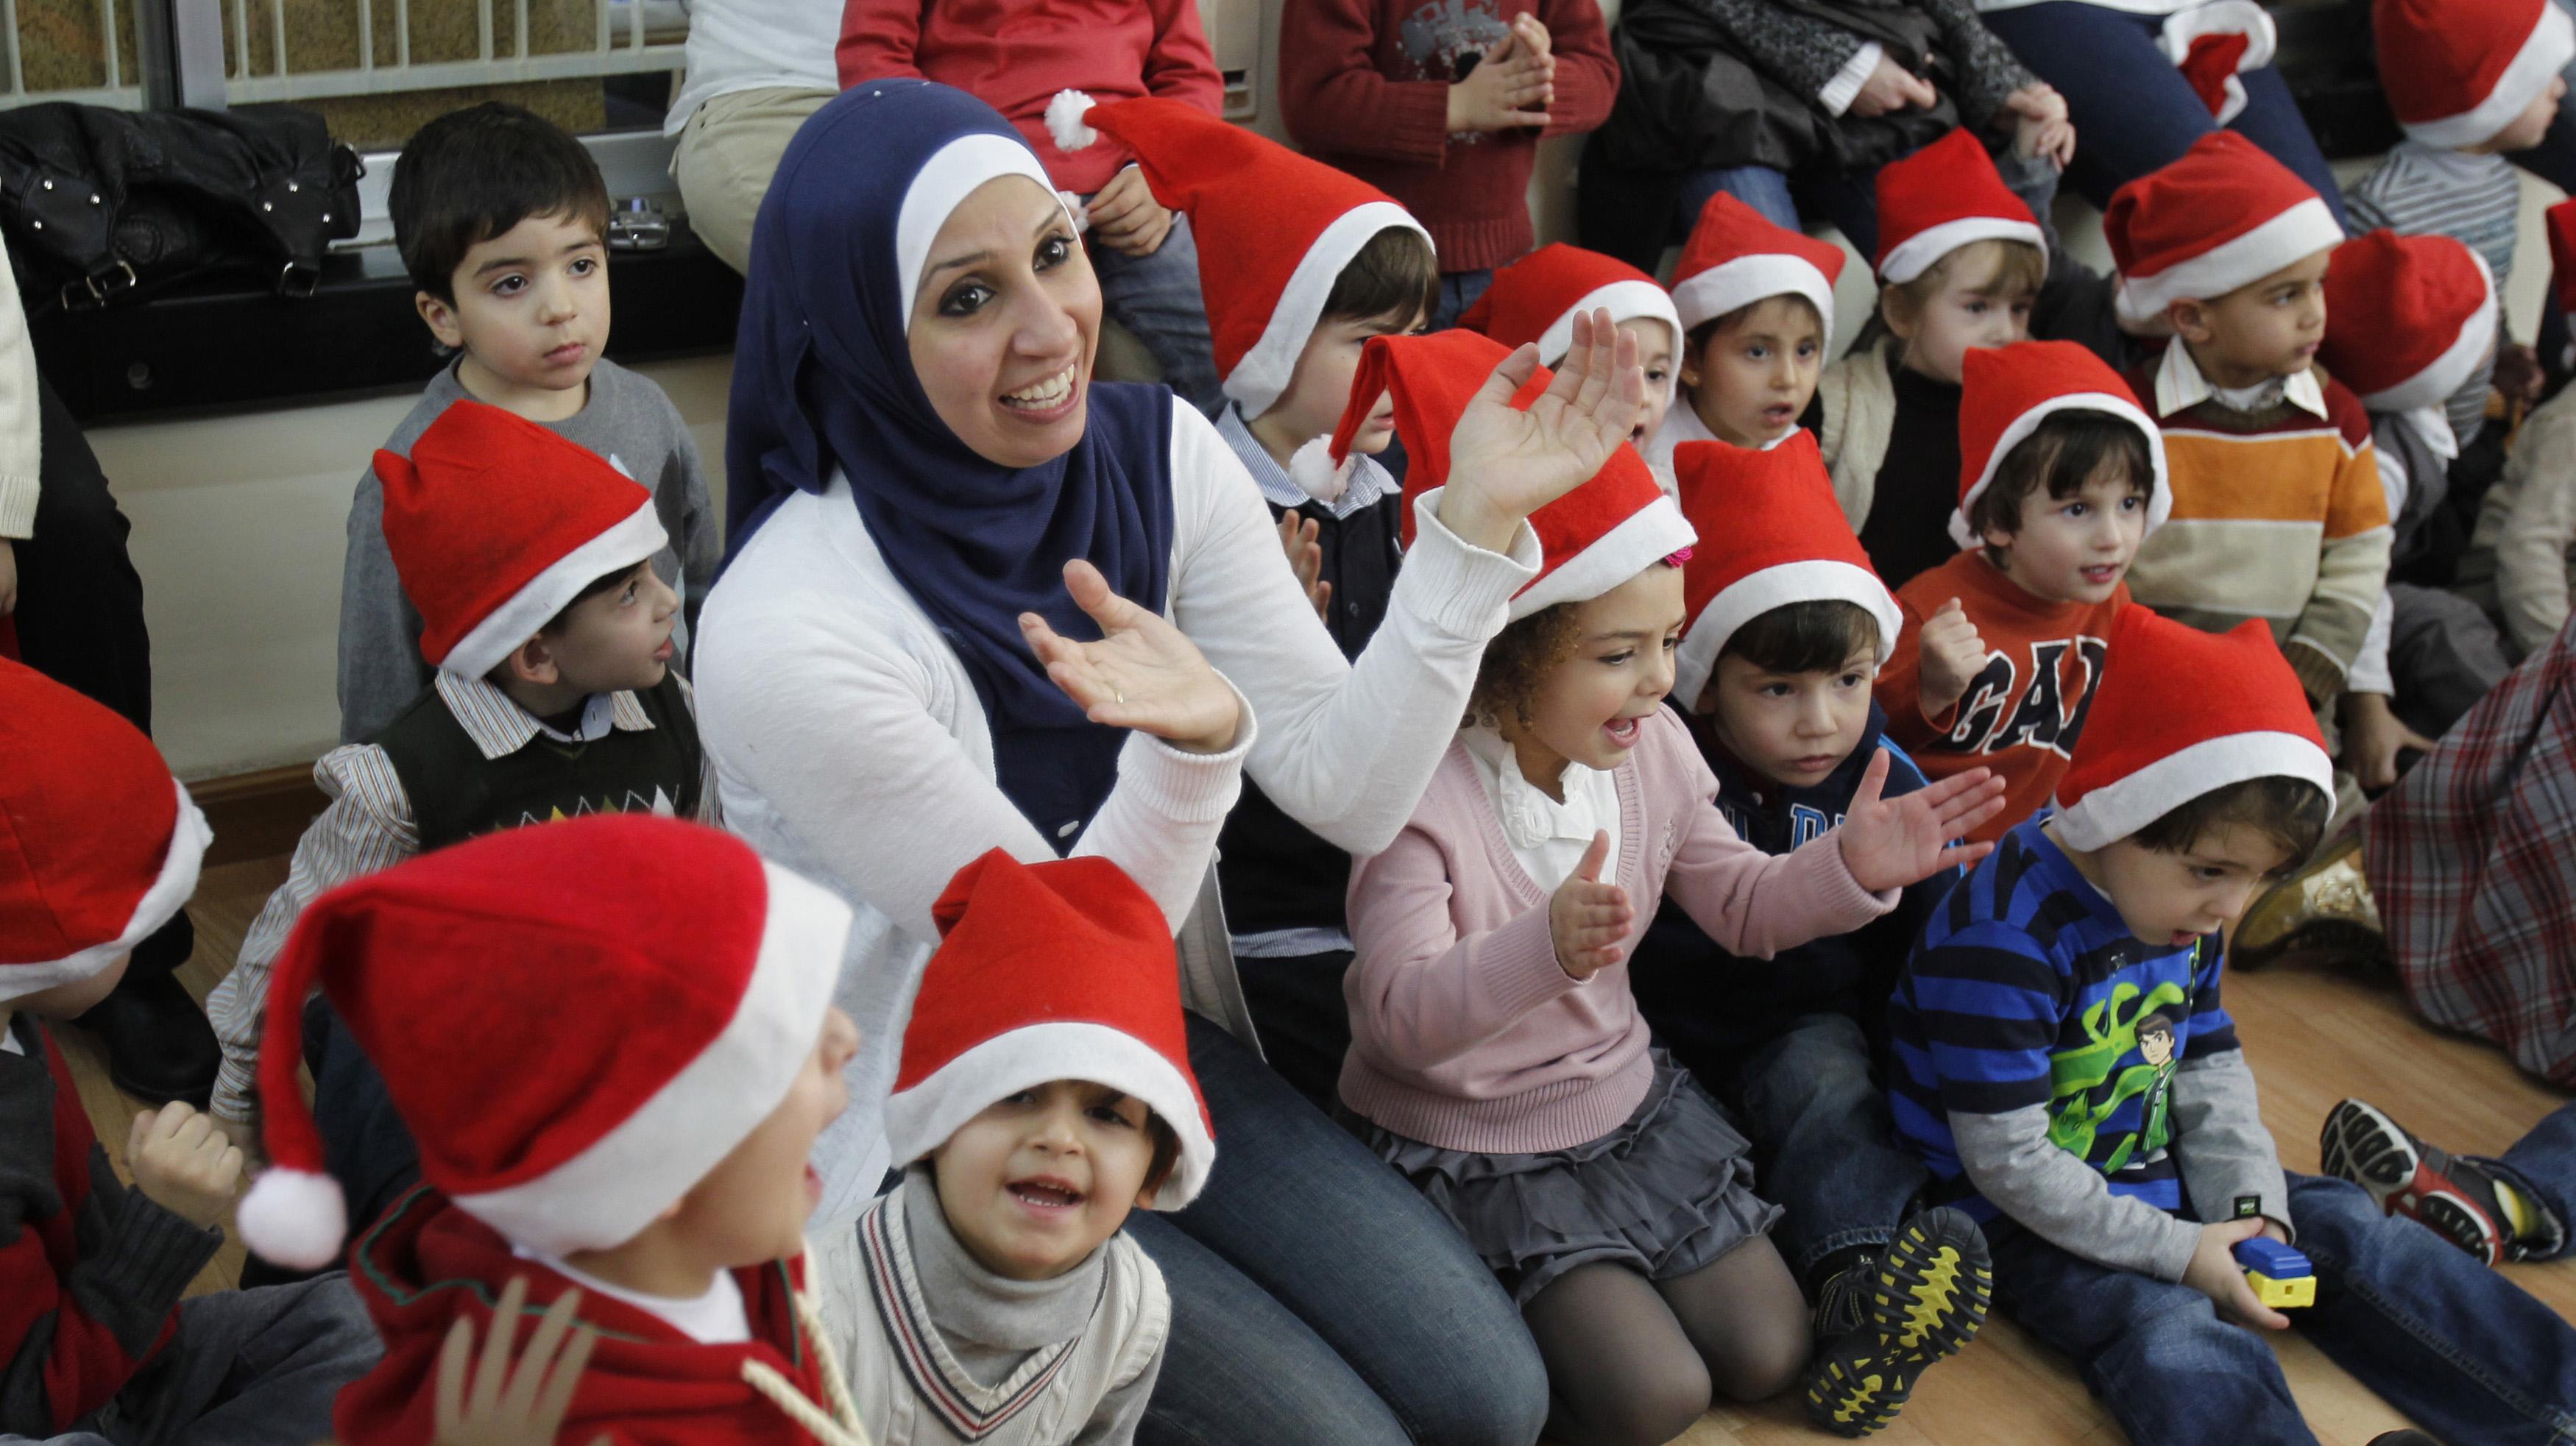 Muslim and Christian schoolchildren wear Santa hats in Amman